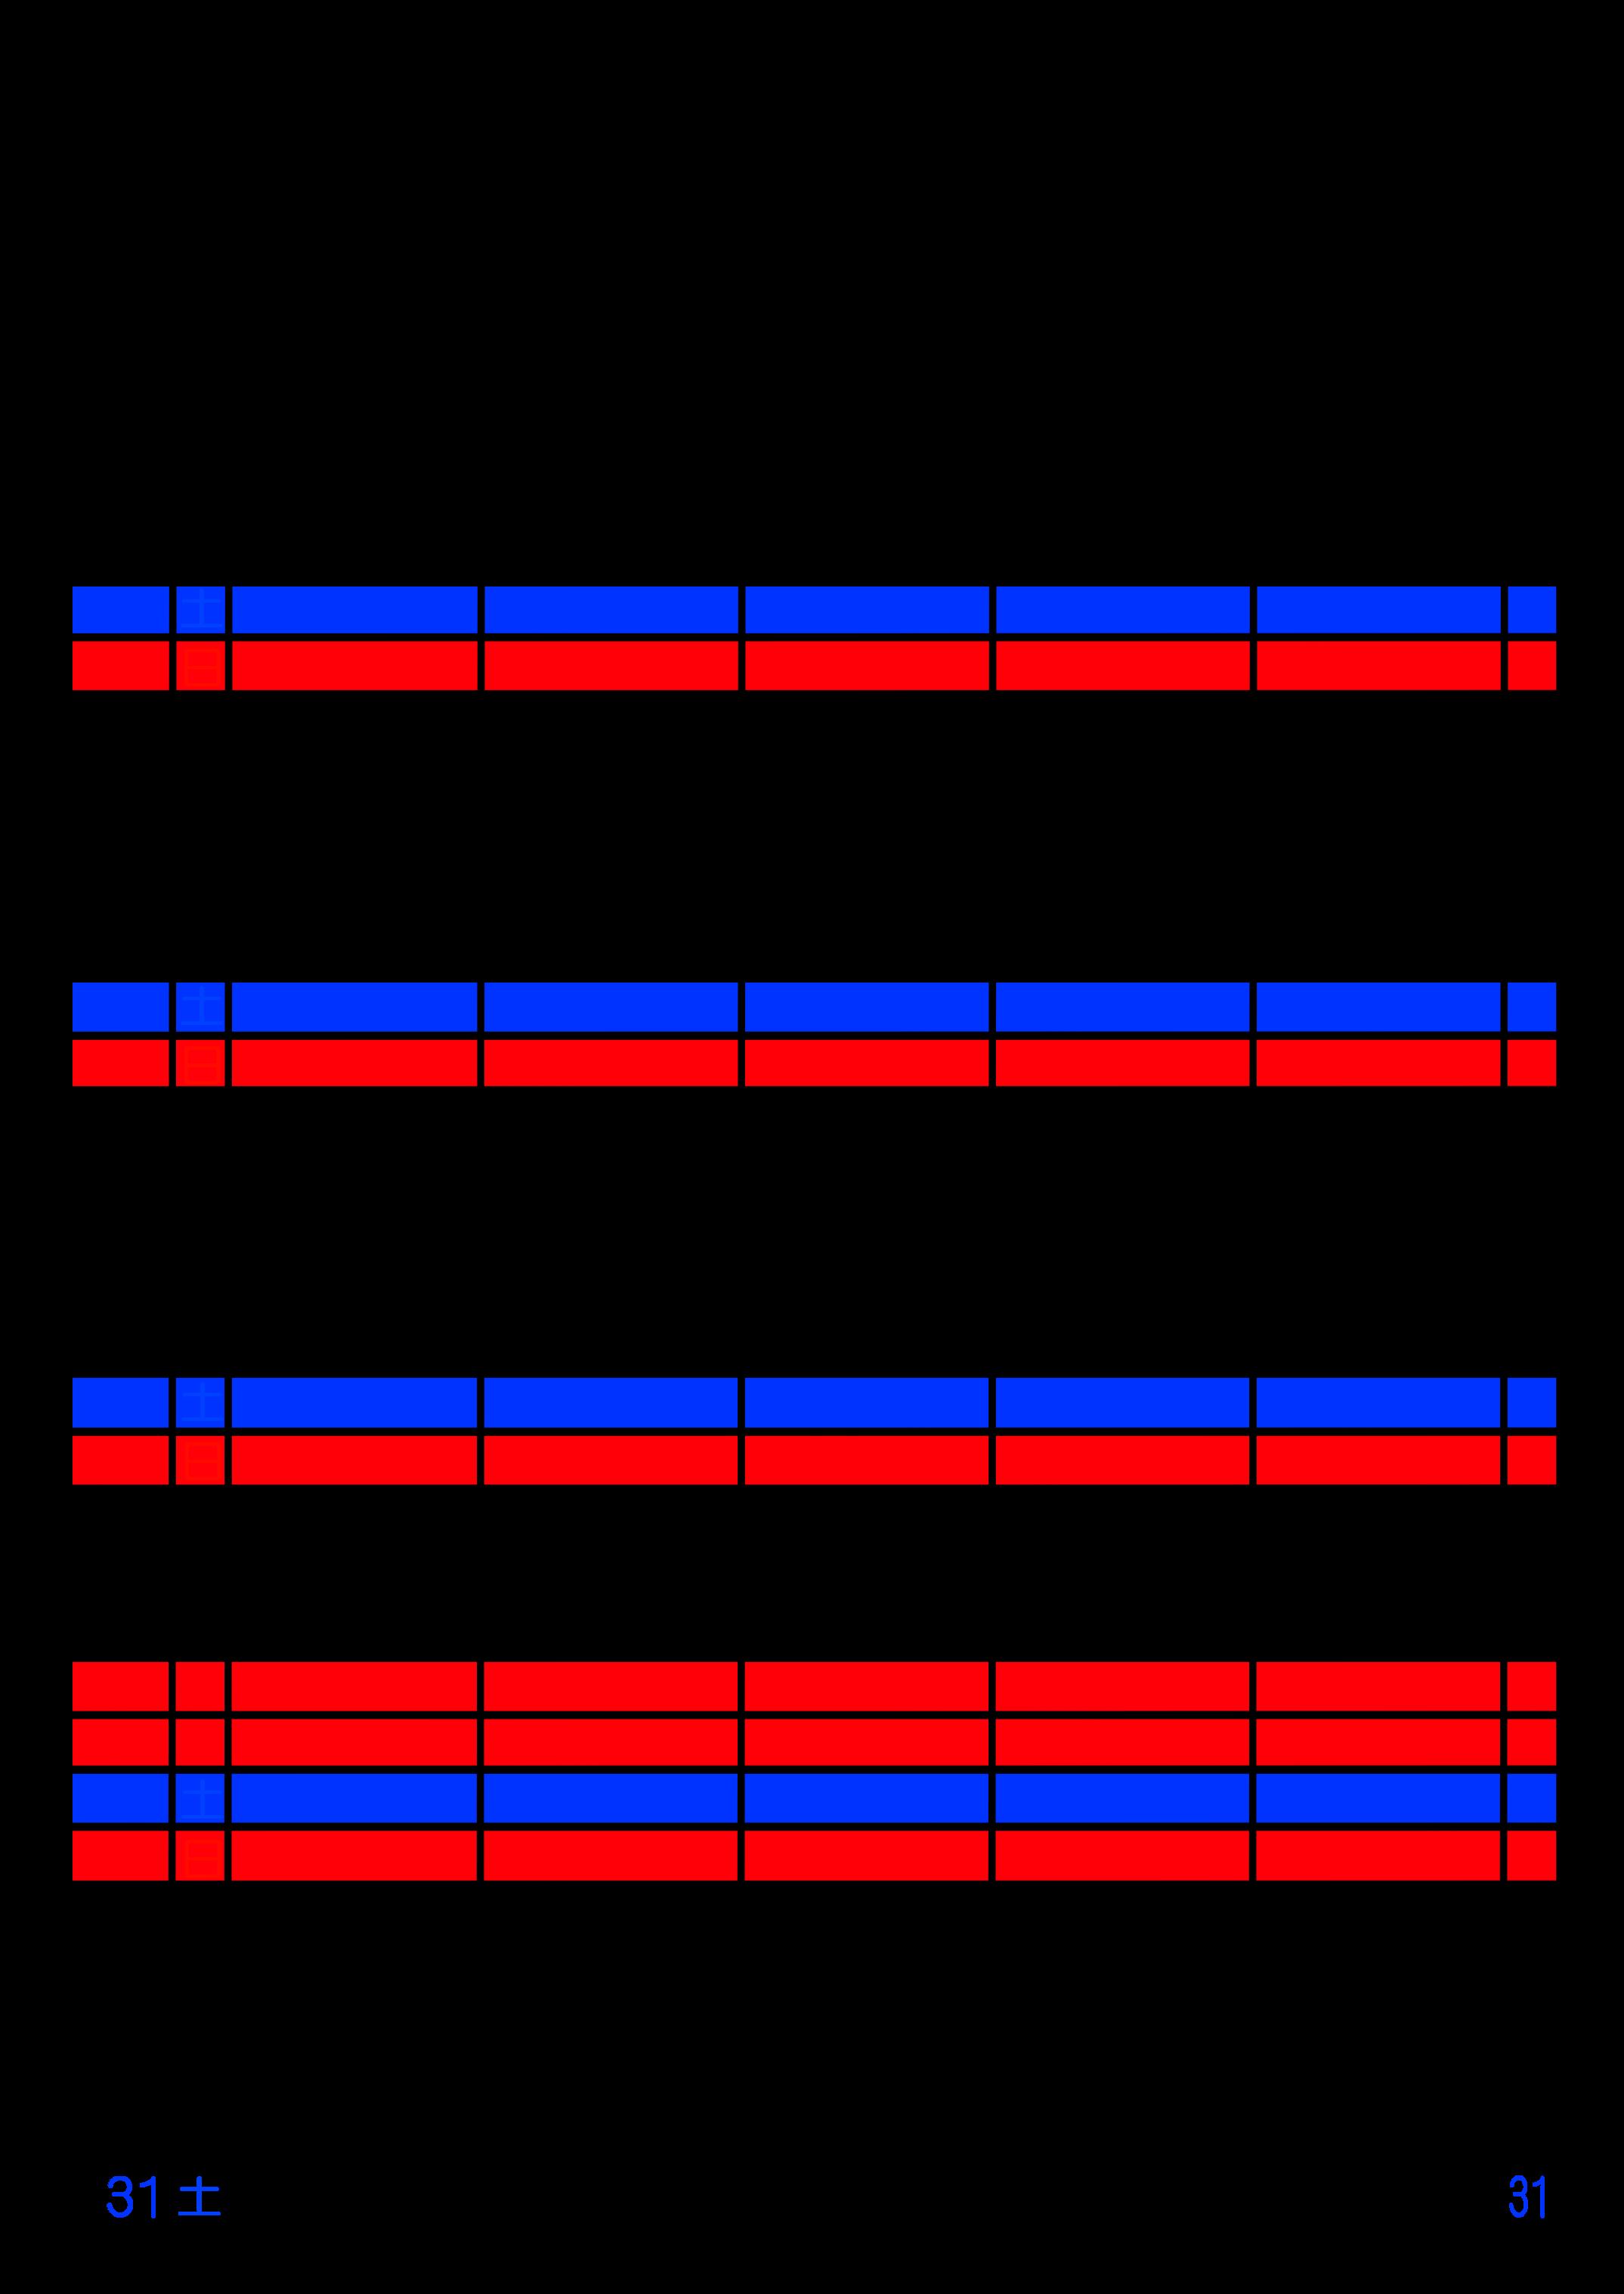 2021年家族カレンダー シンプル 背景透過PNG形式 5人用 7月